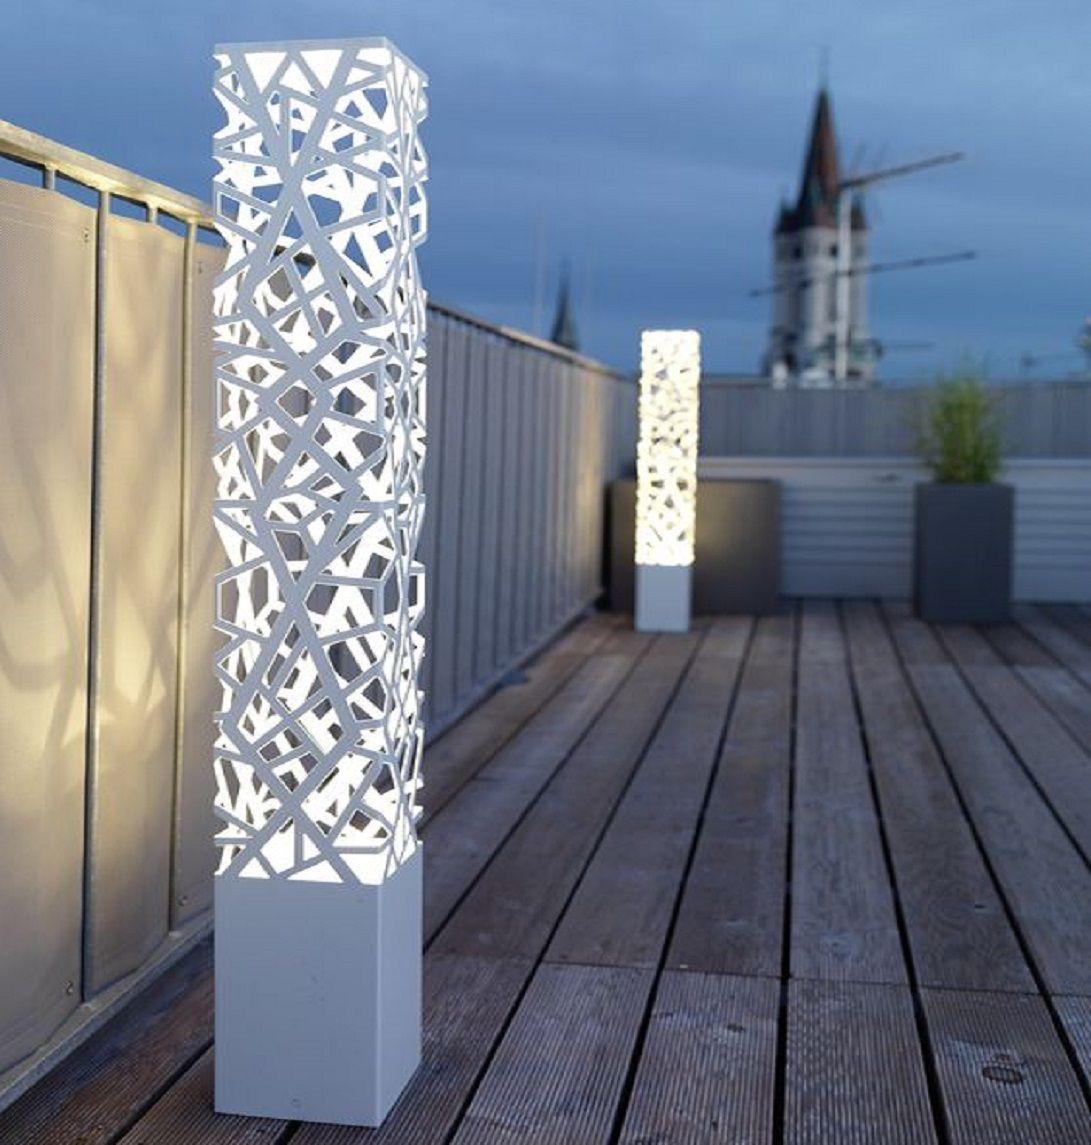 Pin by Julio on Iluminación & Techo Outdoor floor lamps